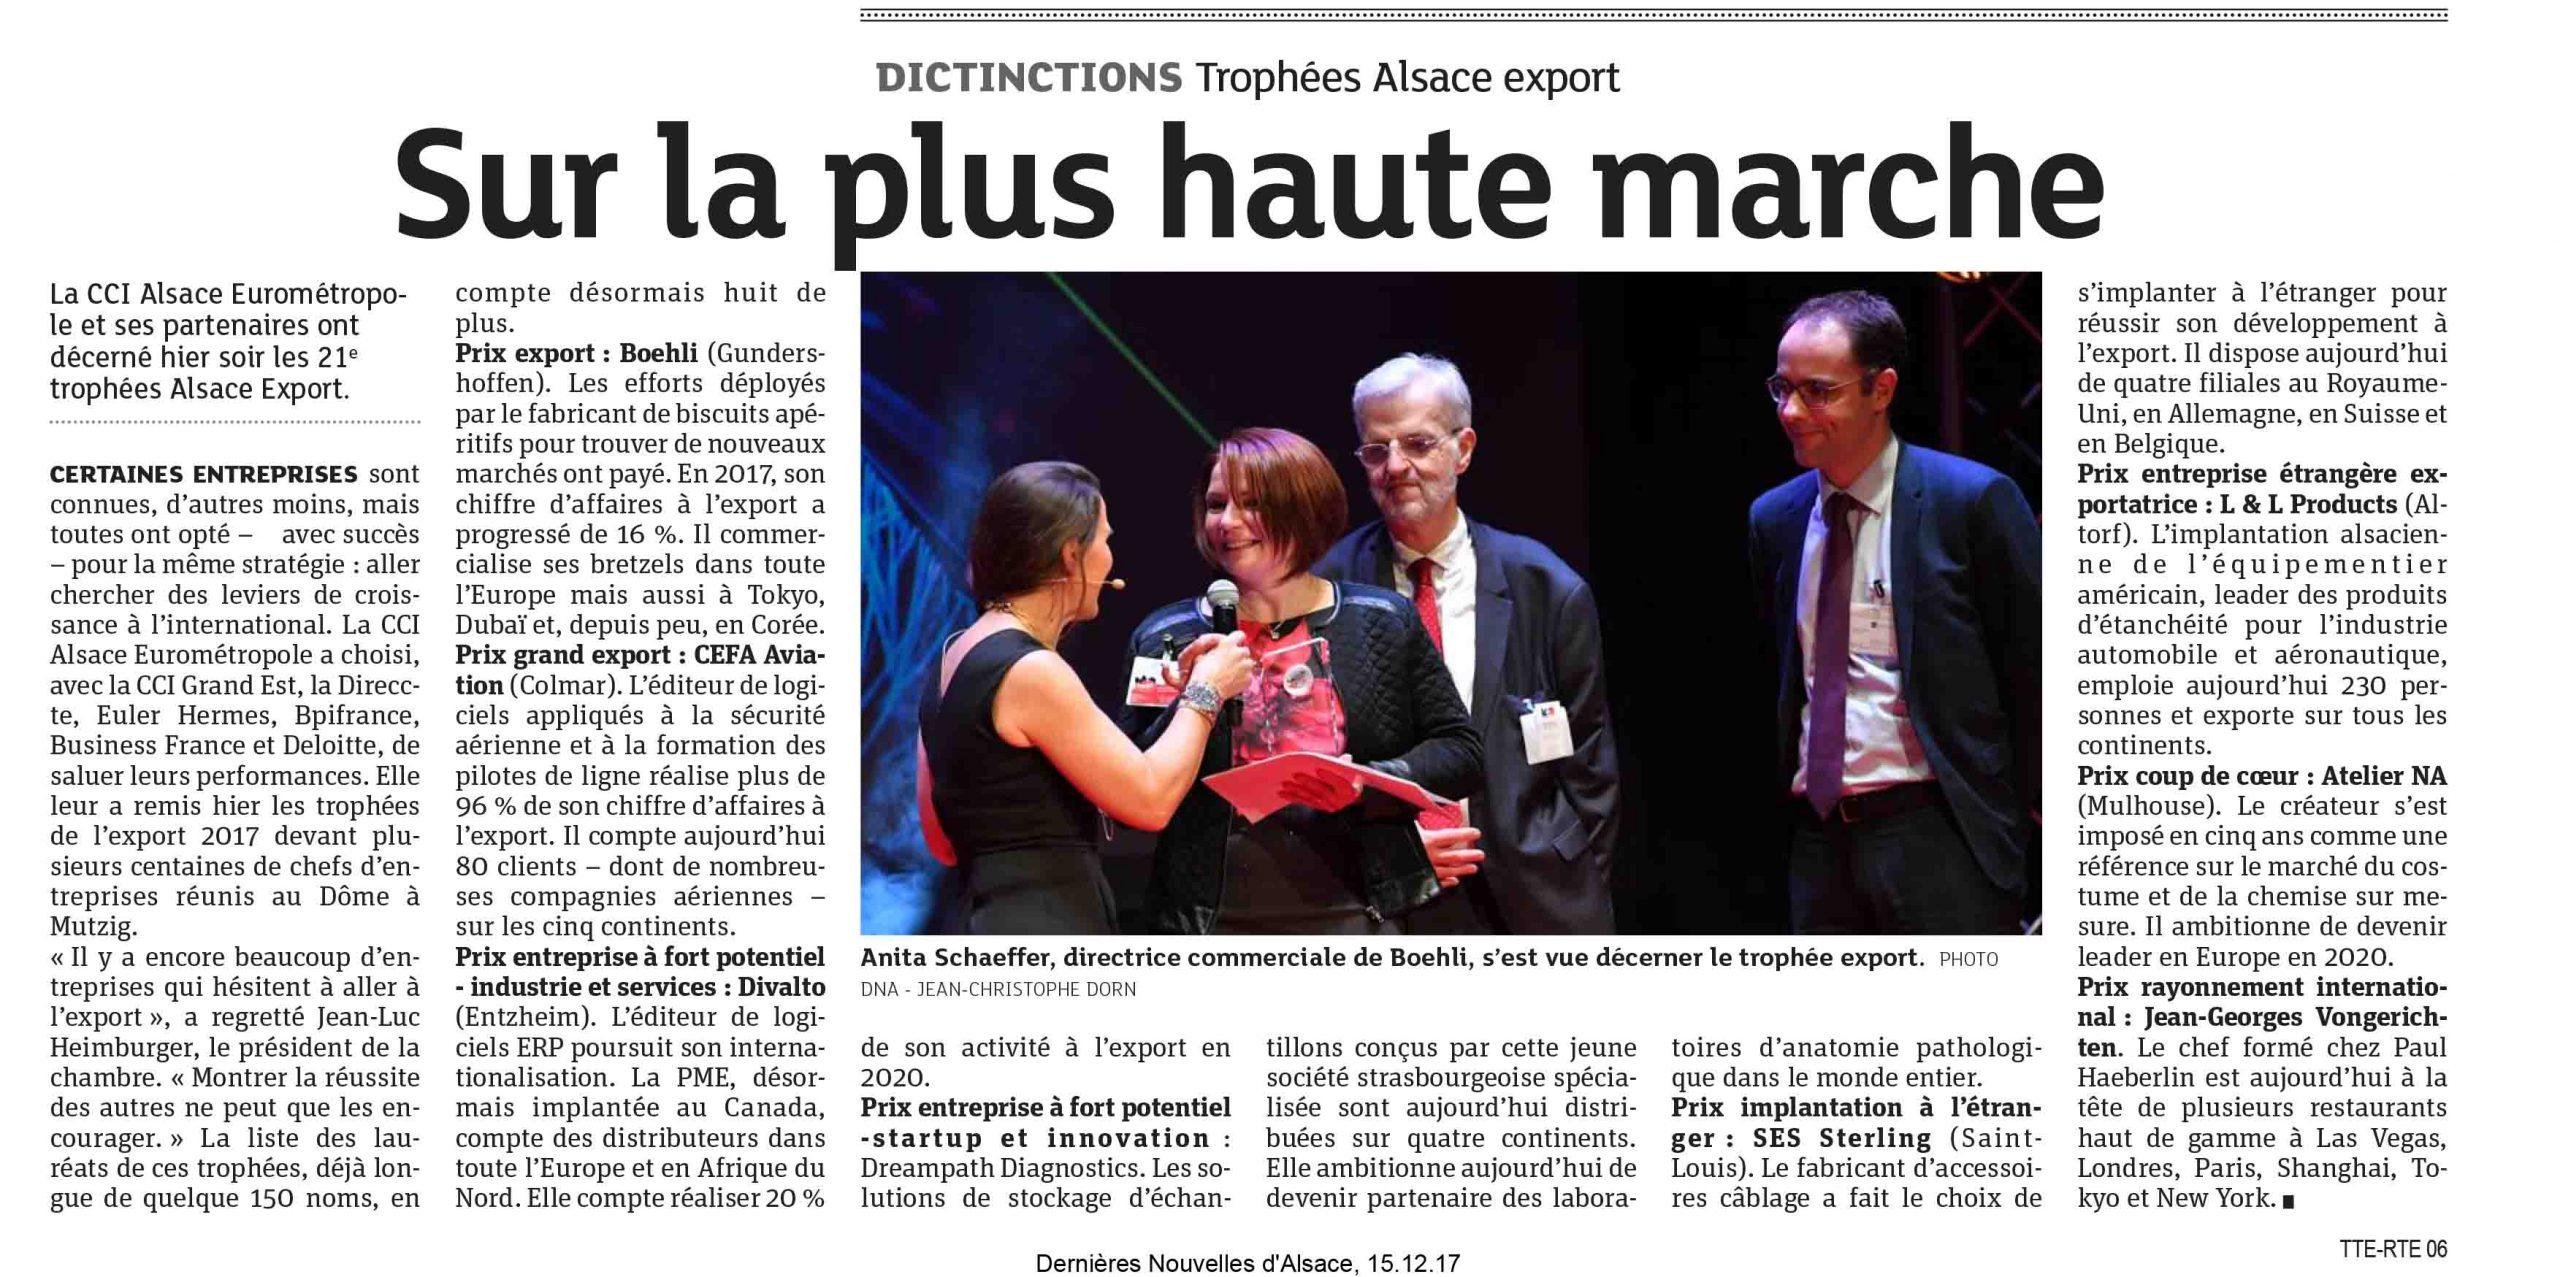 SES-STERLING gagnant du trophée export de la CCI Alsace (DNA - Décembre 2017)